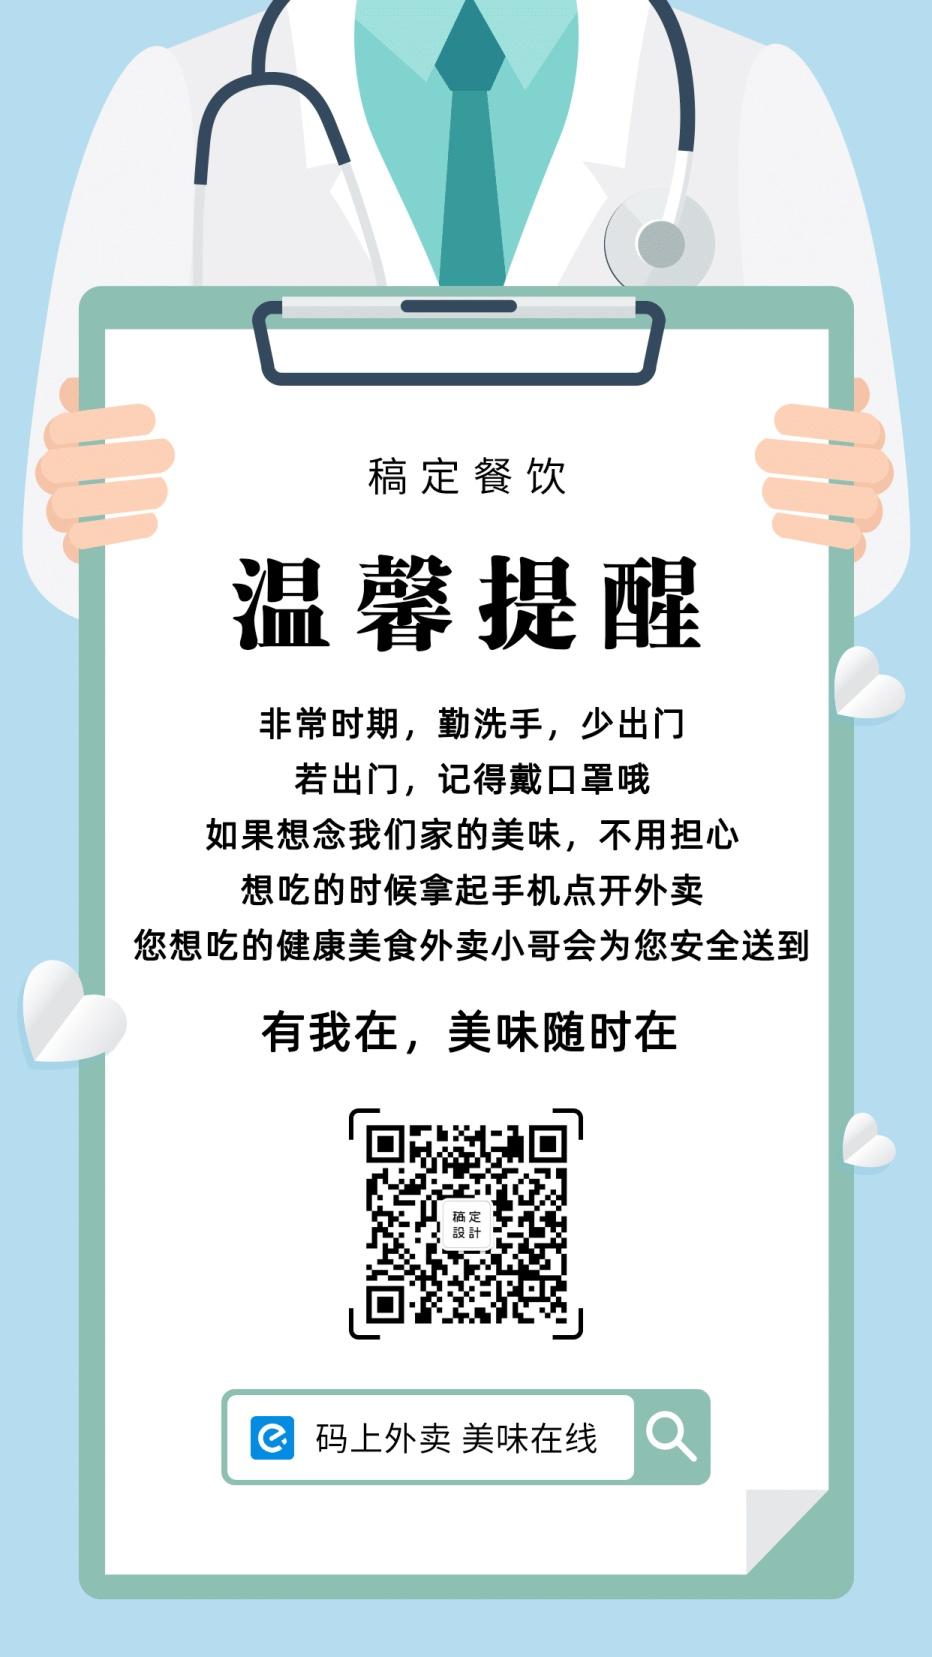 防疫时期温馨通知手机海报